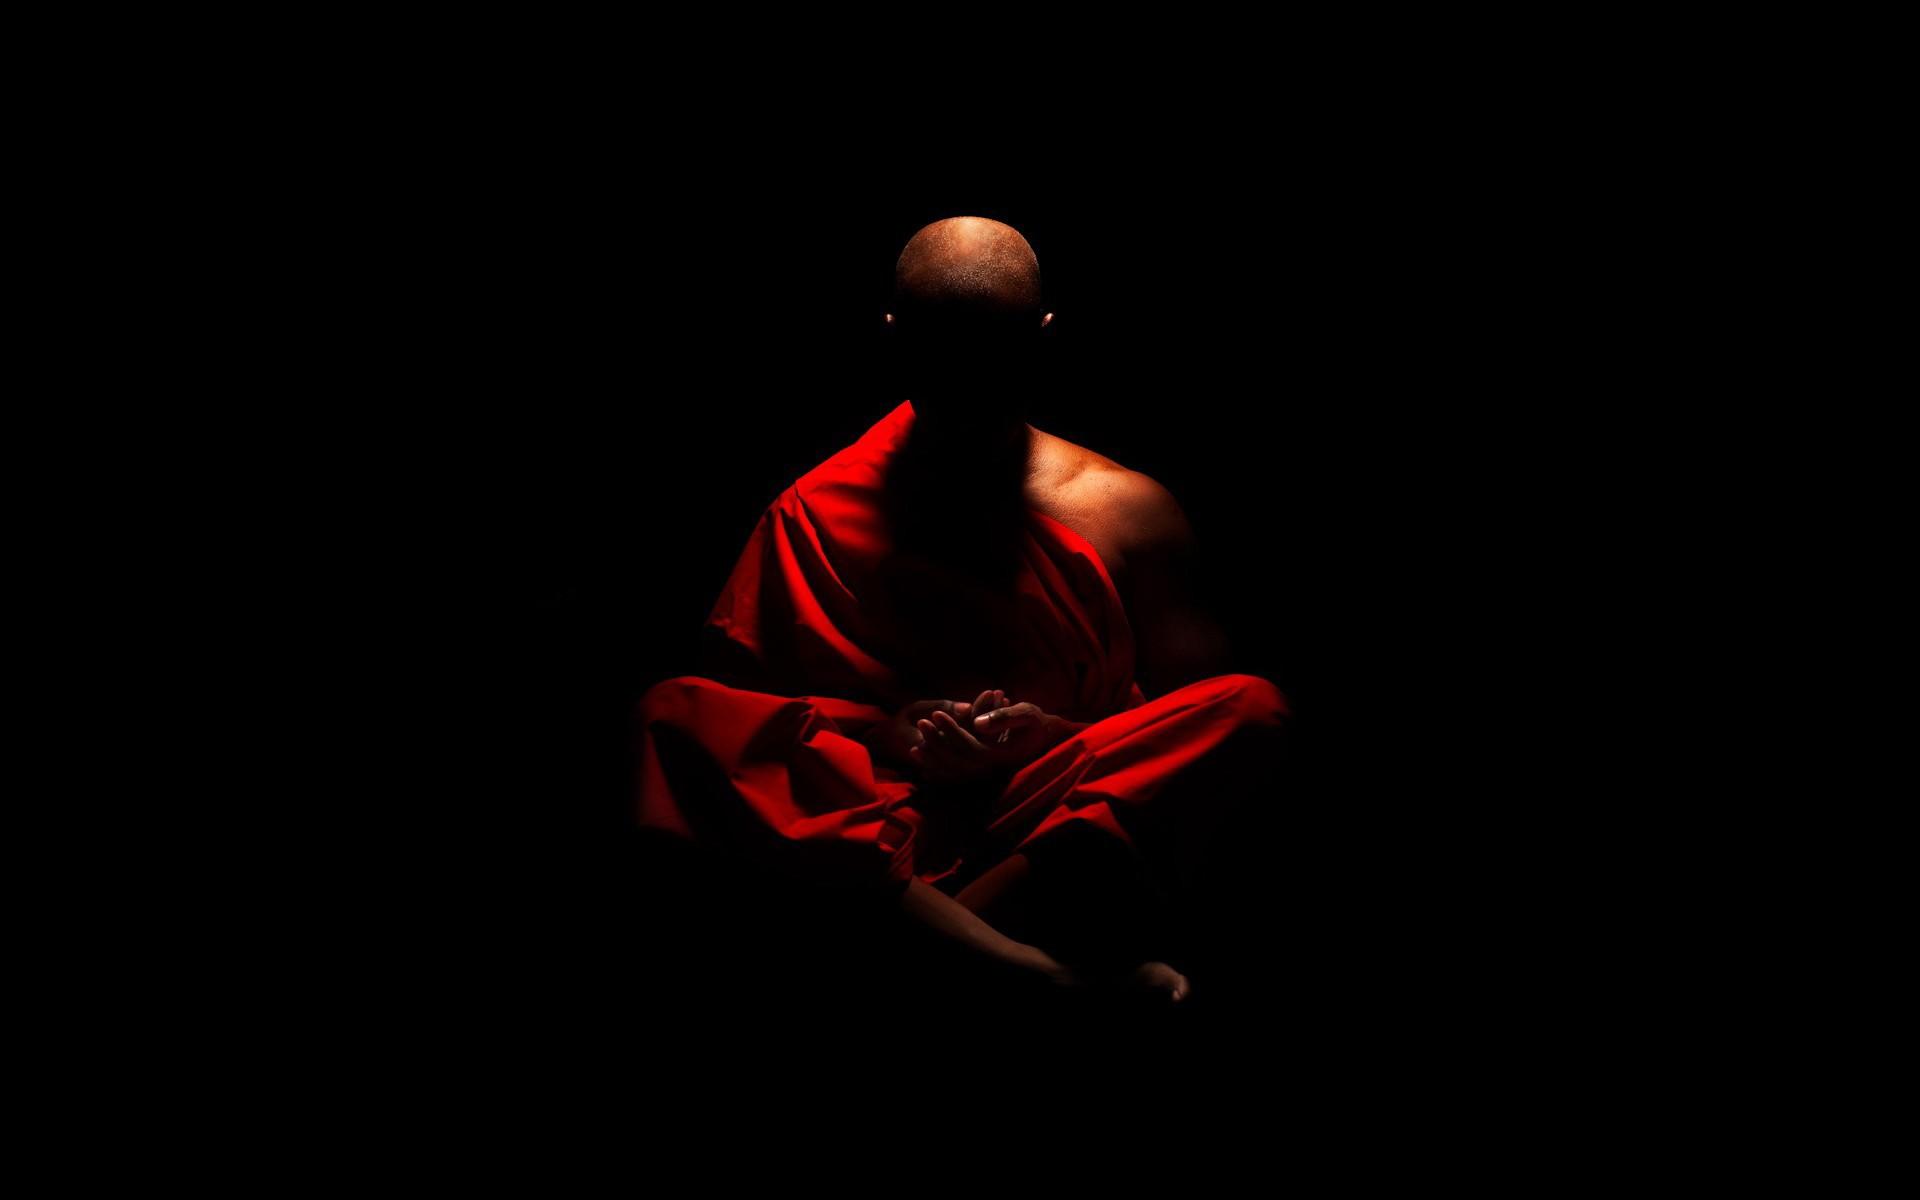 Práctica completa de meditación en audio